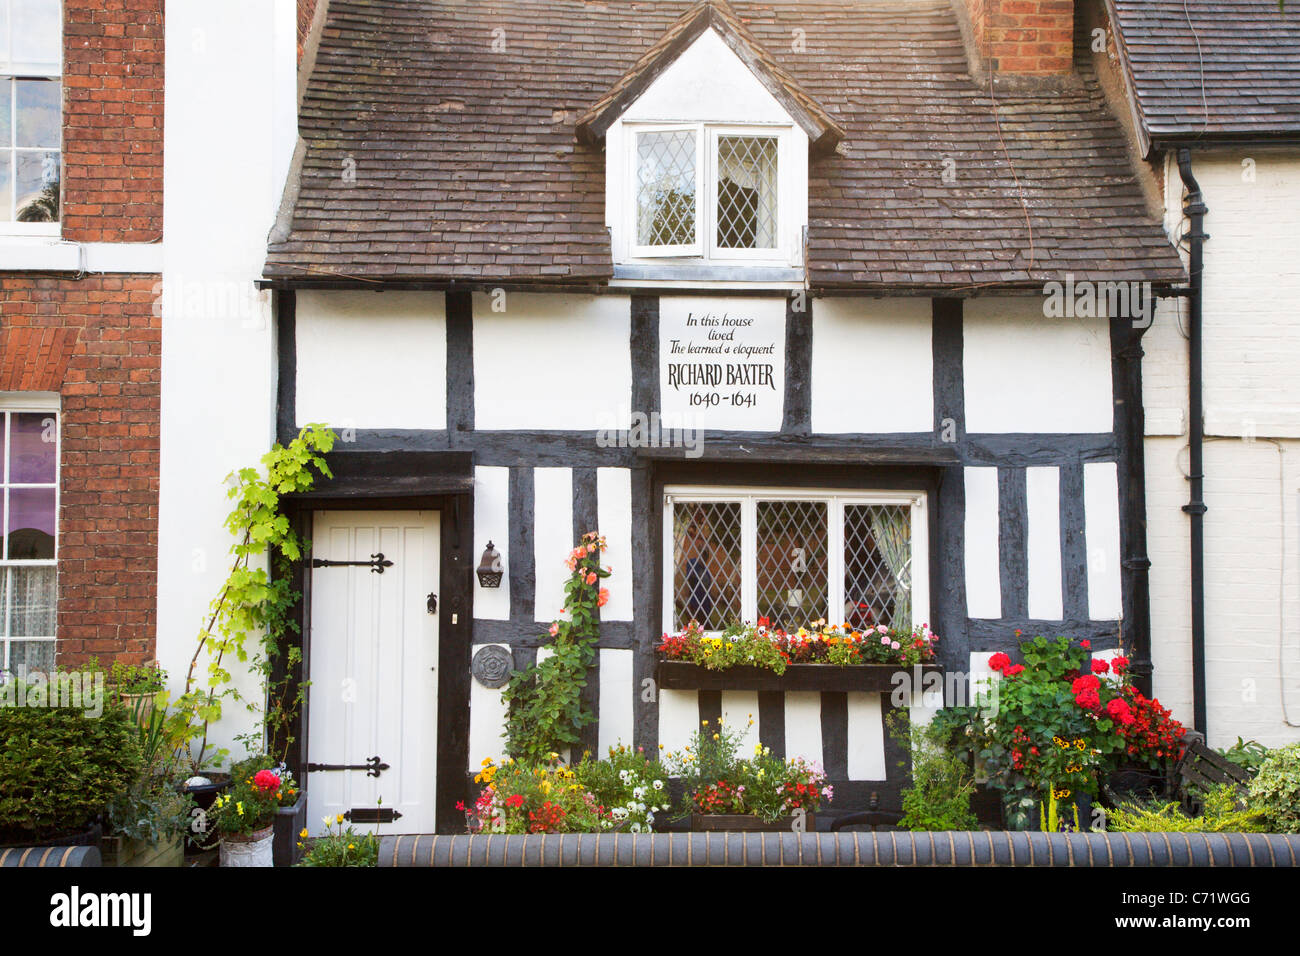 Richard Baxters House Bridgnorth Shropshire England - Stock Image